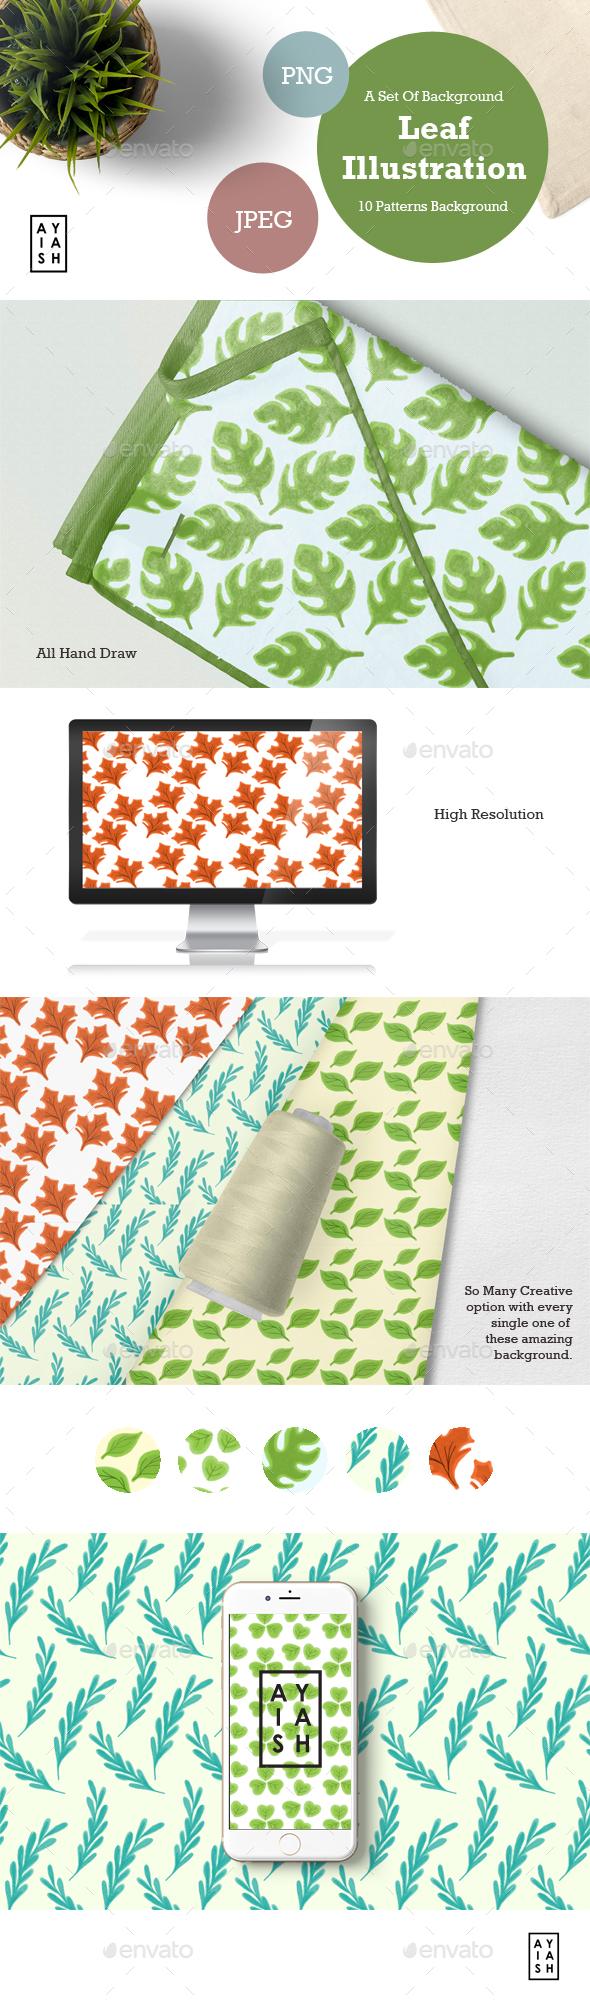 Leaf Background Illustration - Backgrounds Graphics